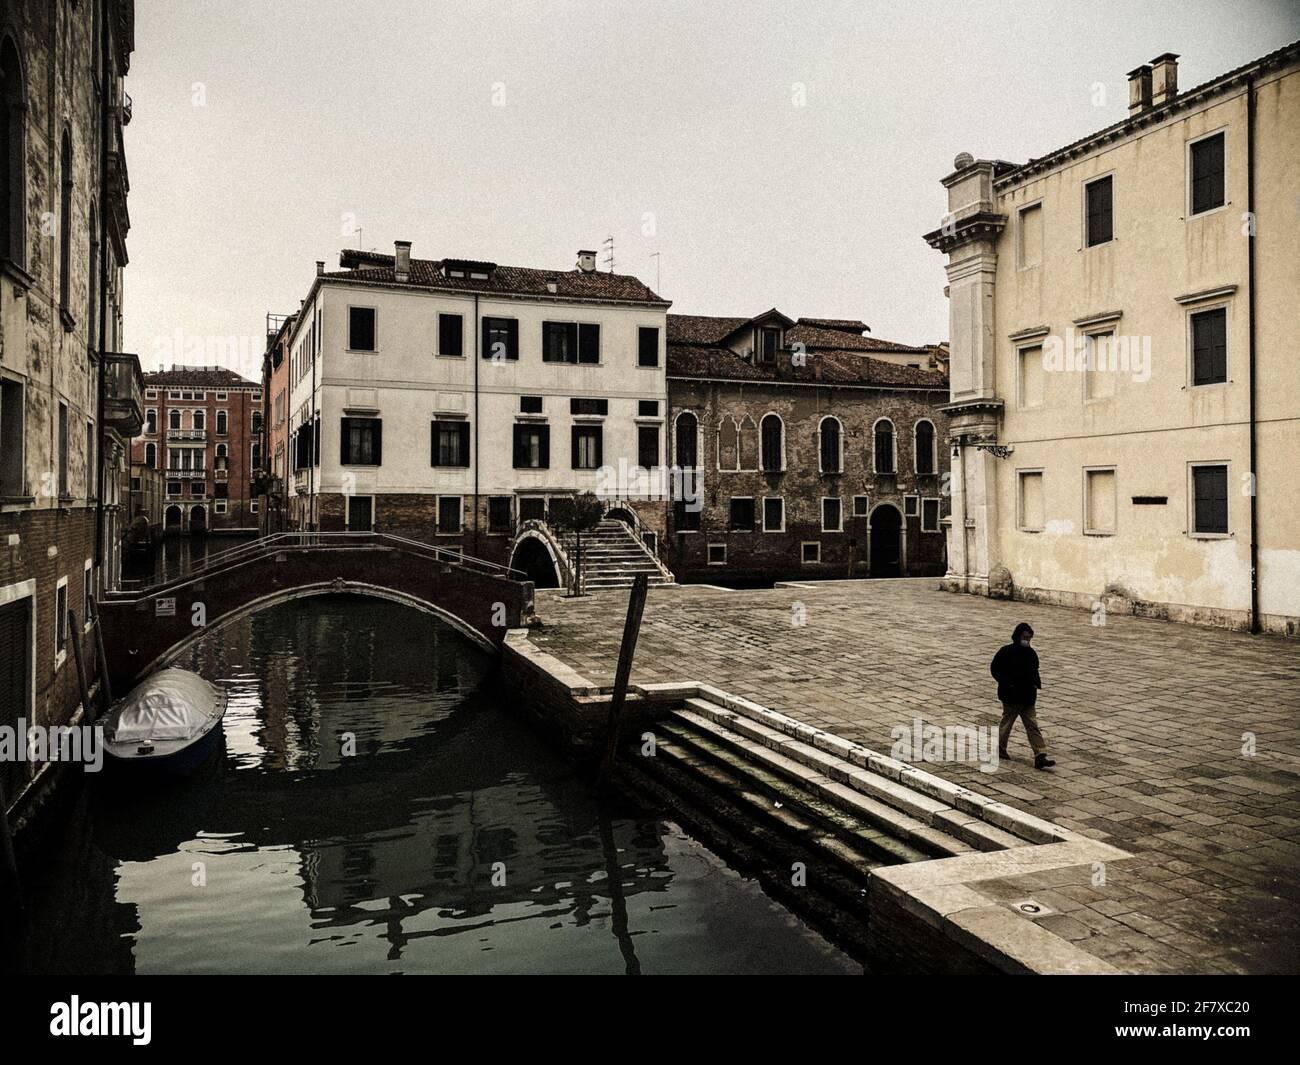 Una gente irriconoscibile che indossa una maschera che cammina in una piazza a Venezia, italia, durante la crisi COVID-19 Foto Stock